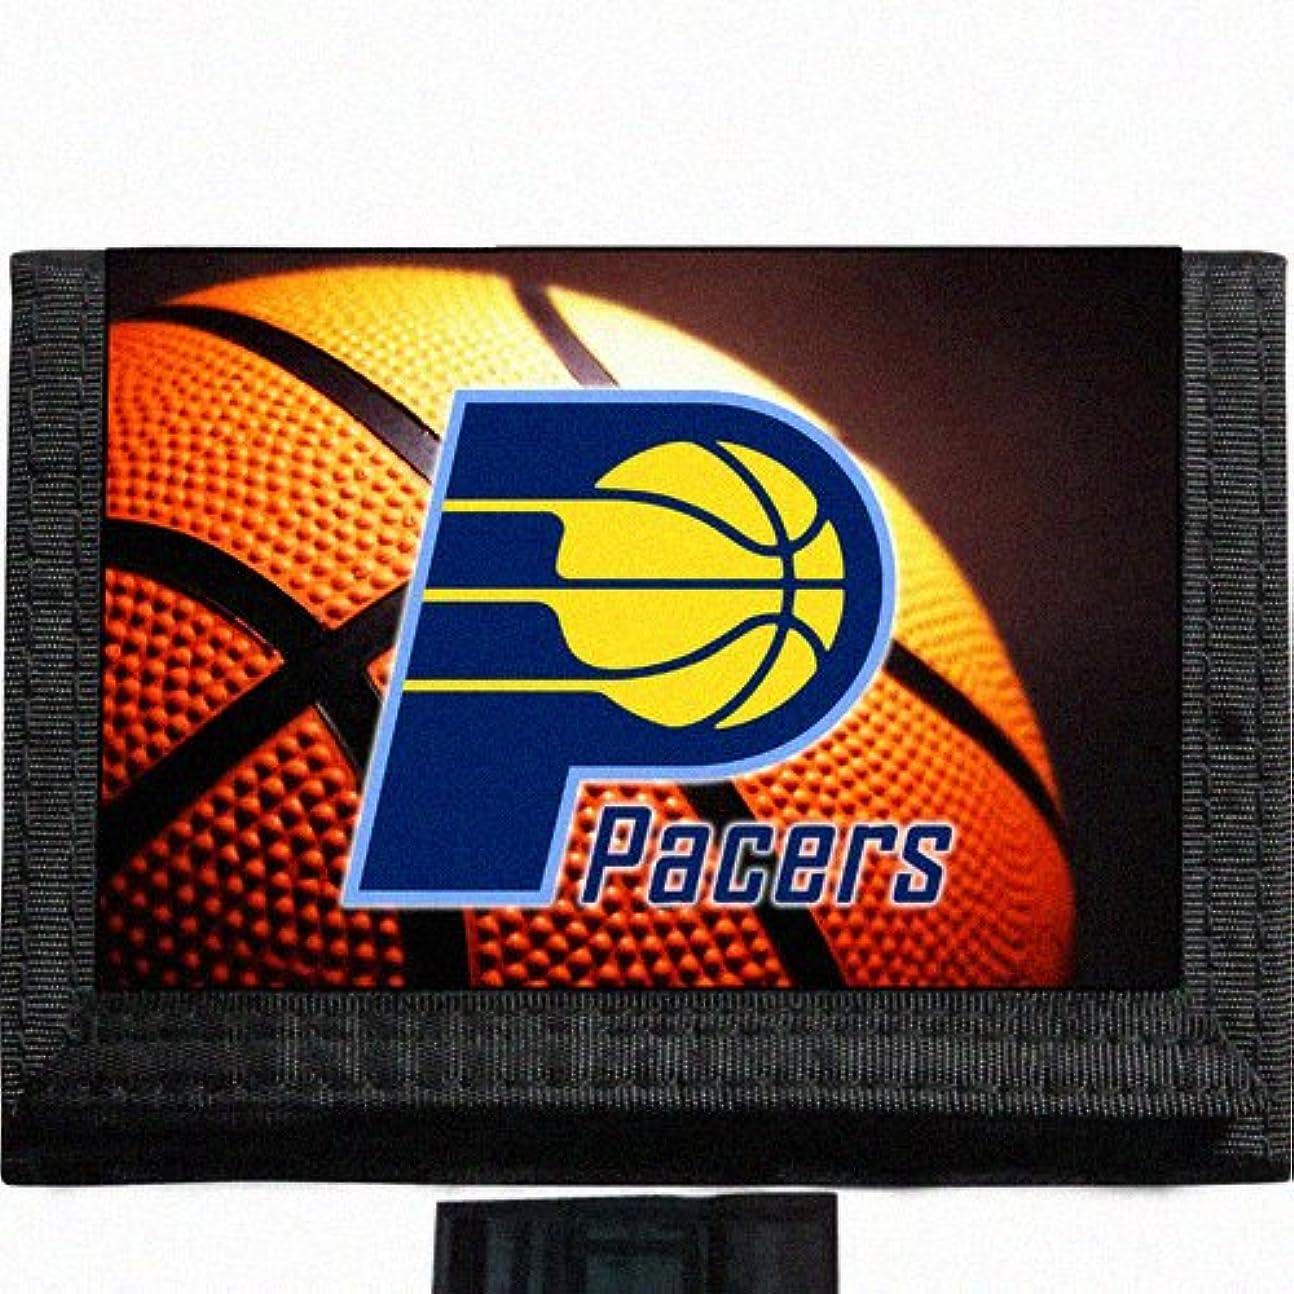 バングながら公園Pacers basketballブラック三つ折りナイロン財布Great Gift Idea Indiana